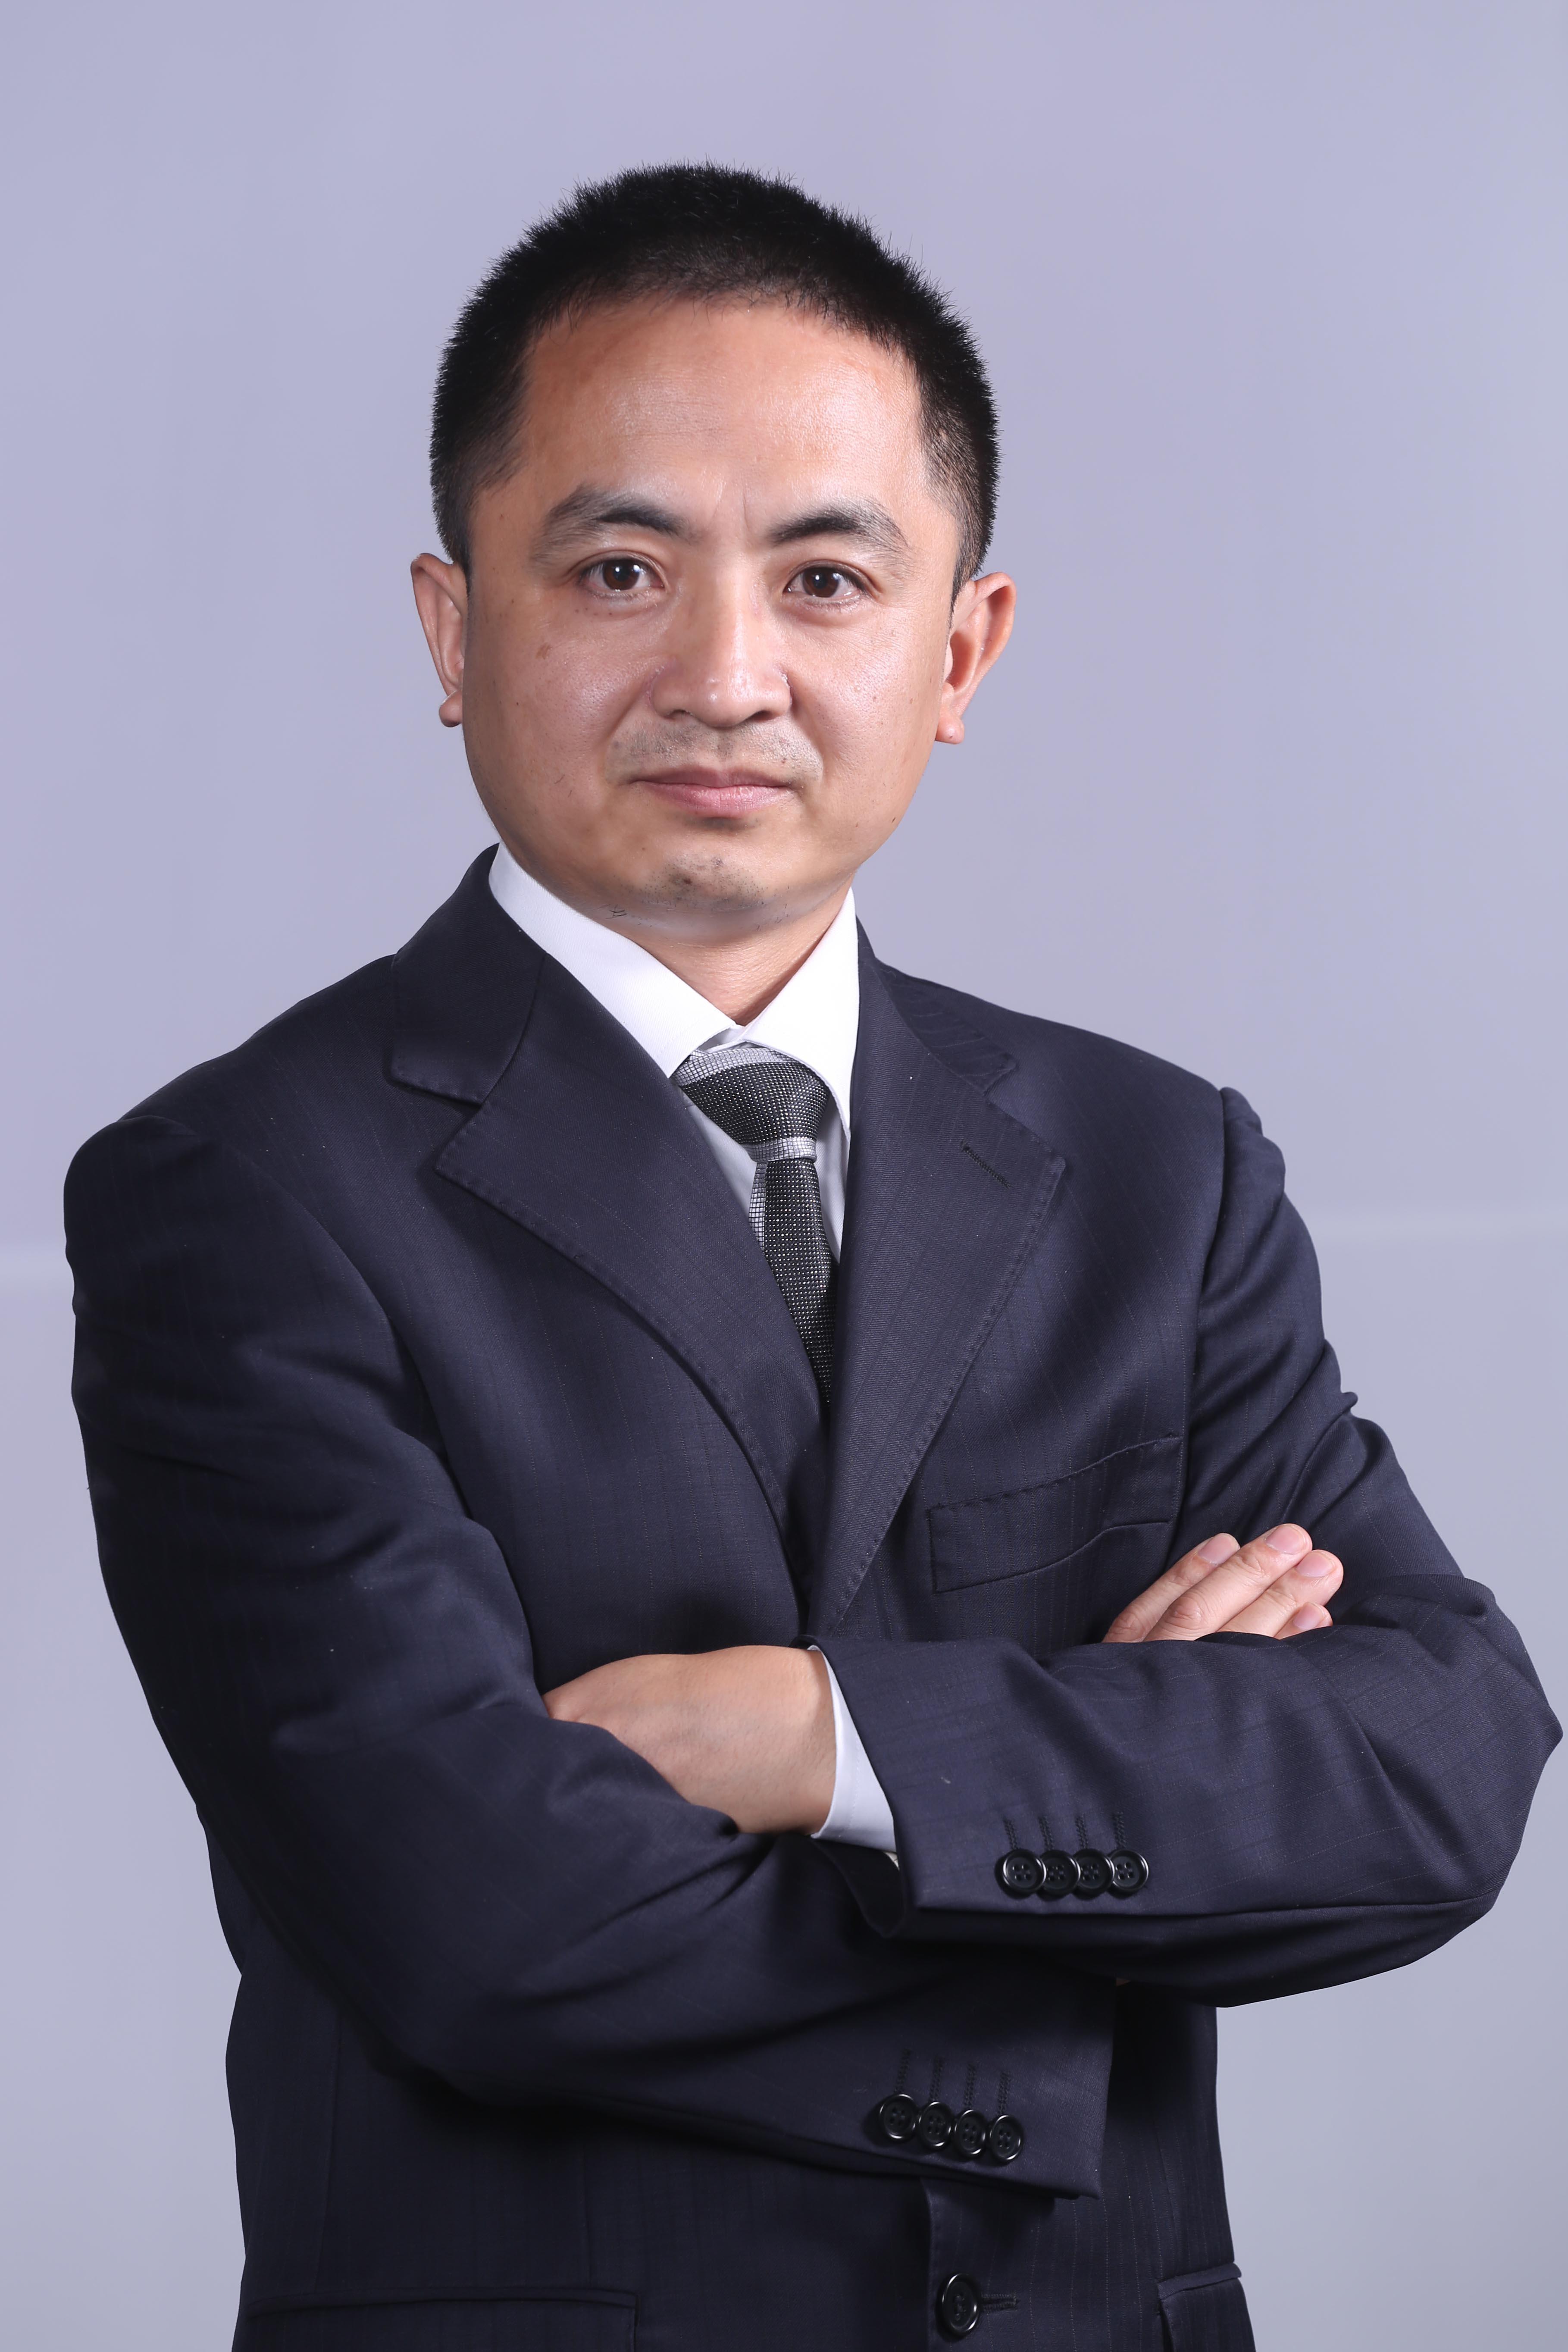 陈伟彦的基金经理头像